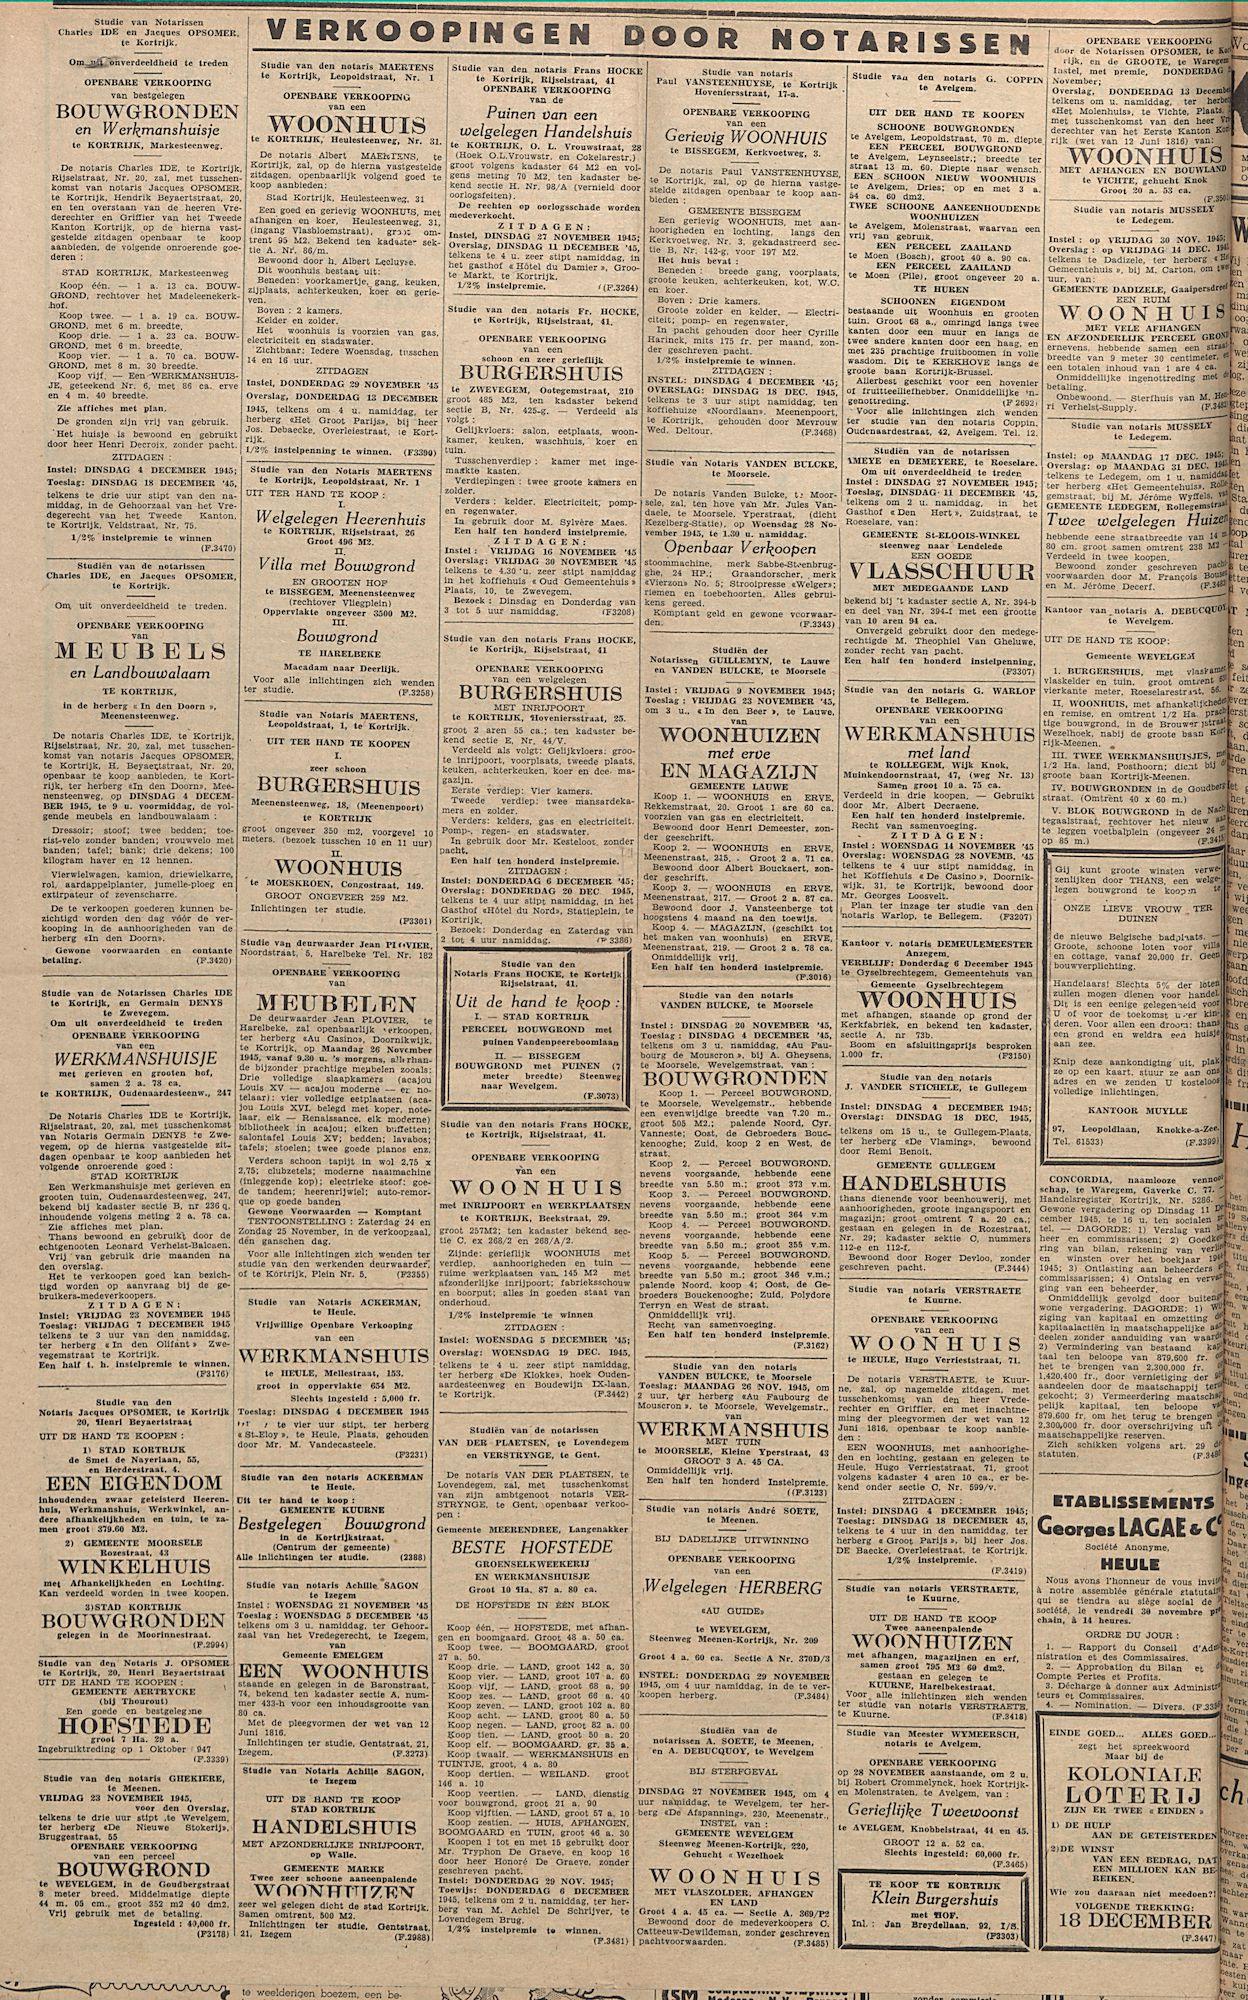 Kortrijksch Handelsblad 23 november 1945 Nr94 p4